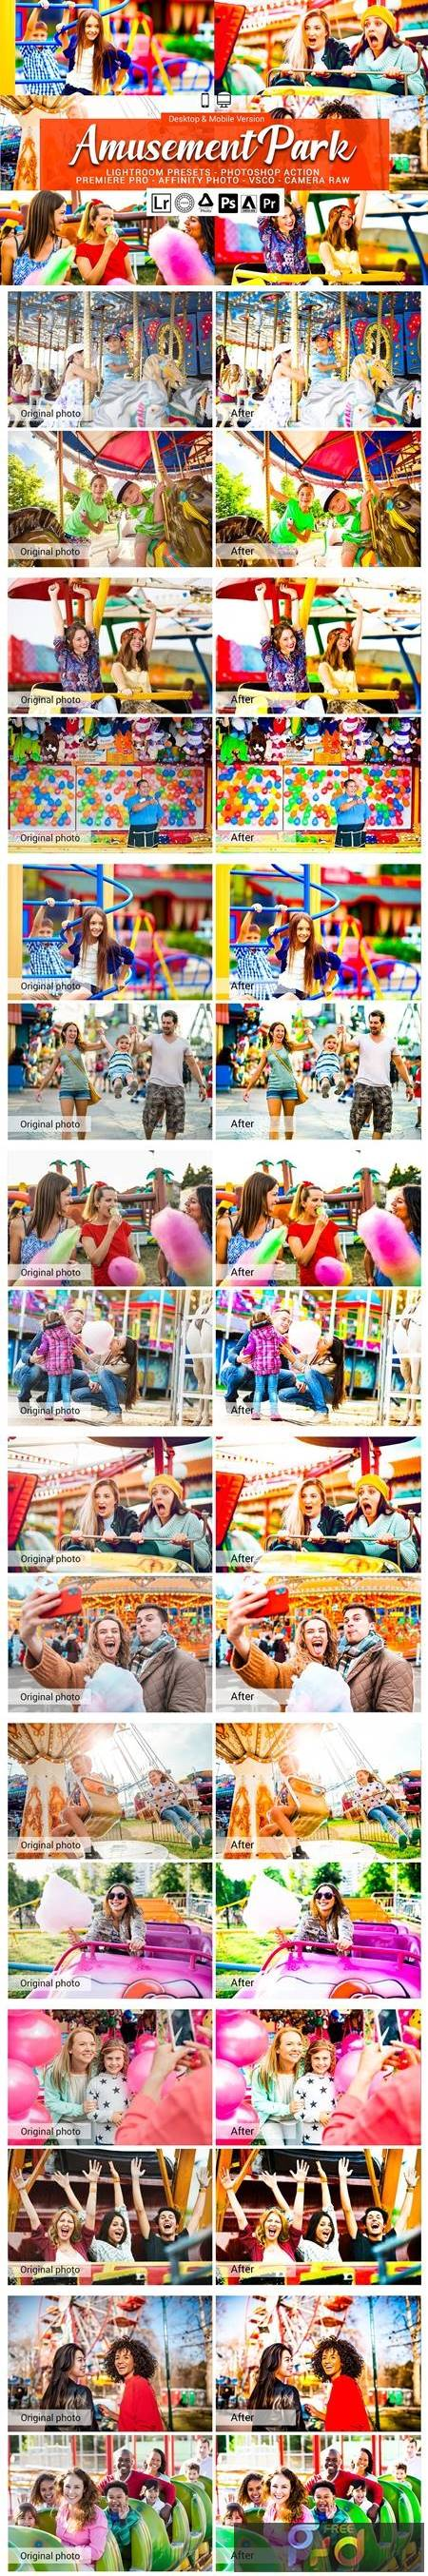 Amusement Park Presets 5693264 1